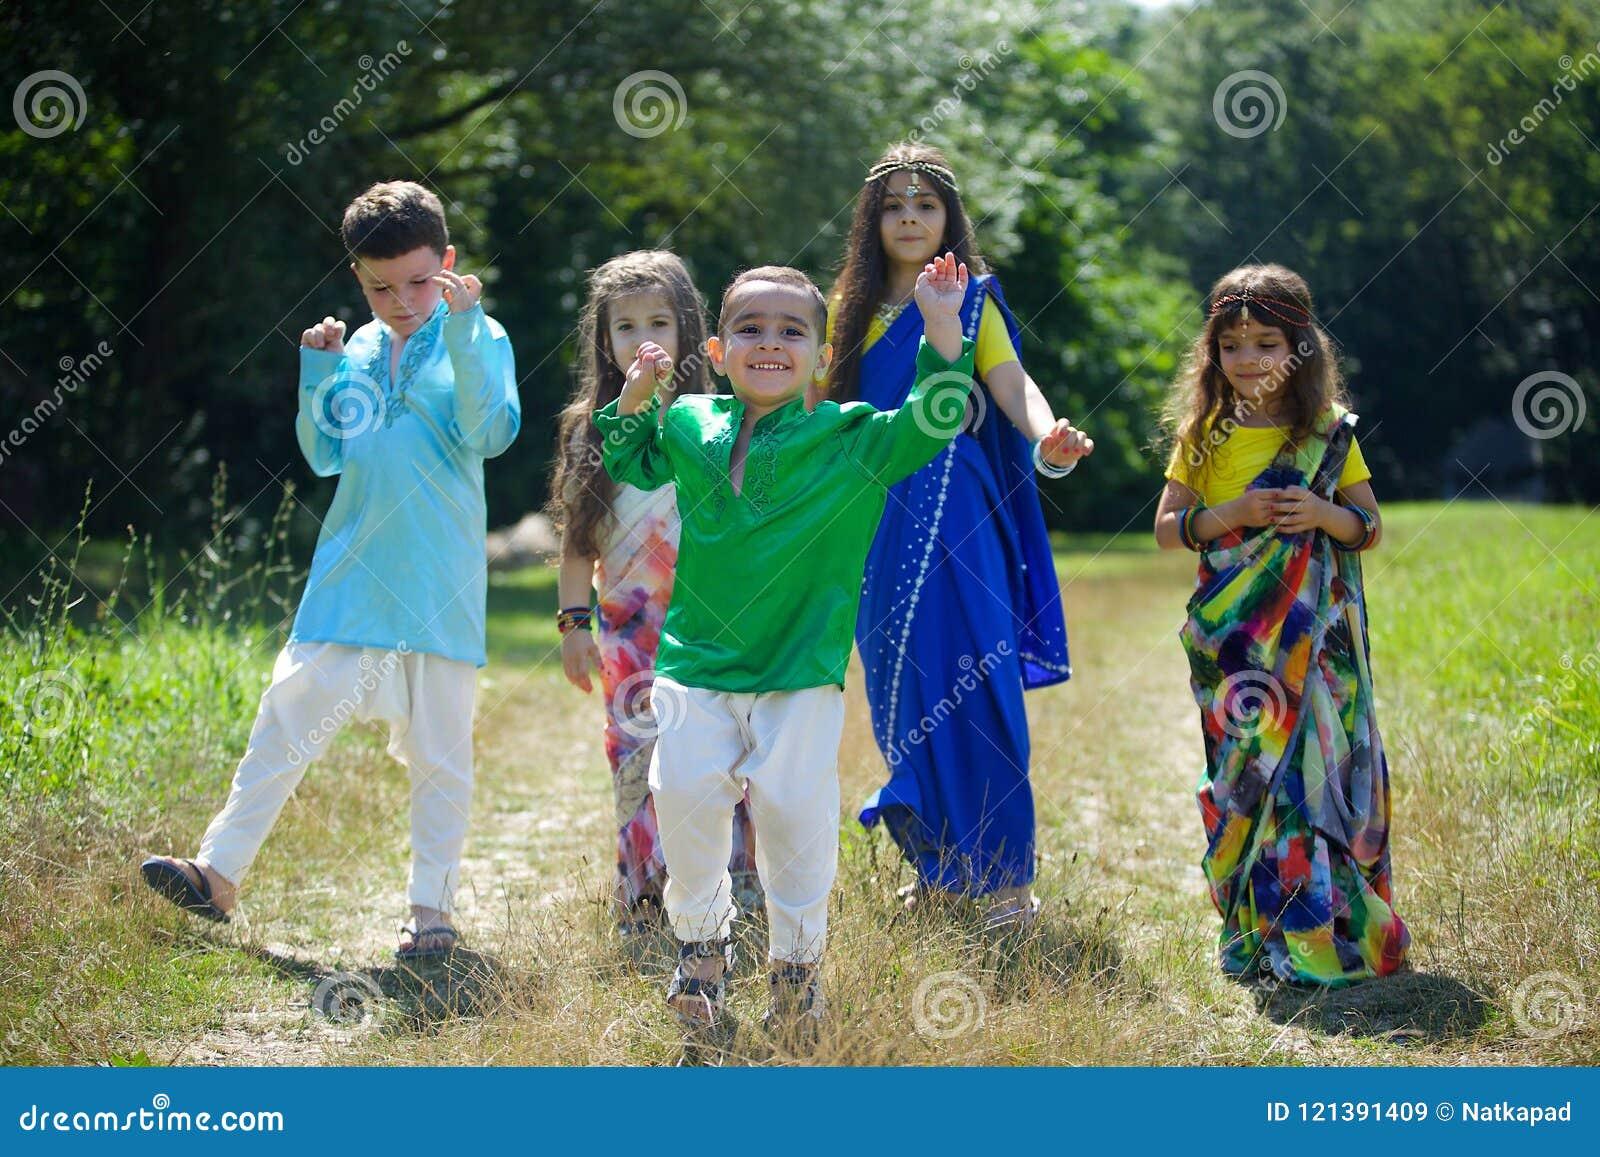 Många småbarn, pojkar och flickor som är iklädda kläderen